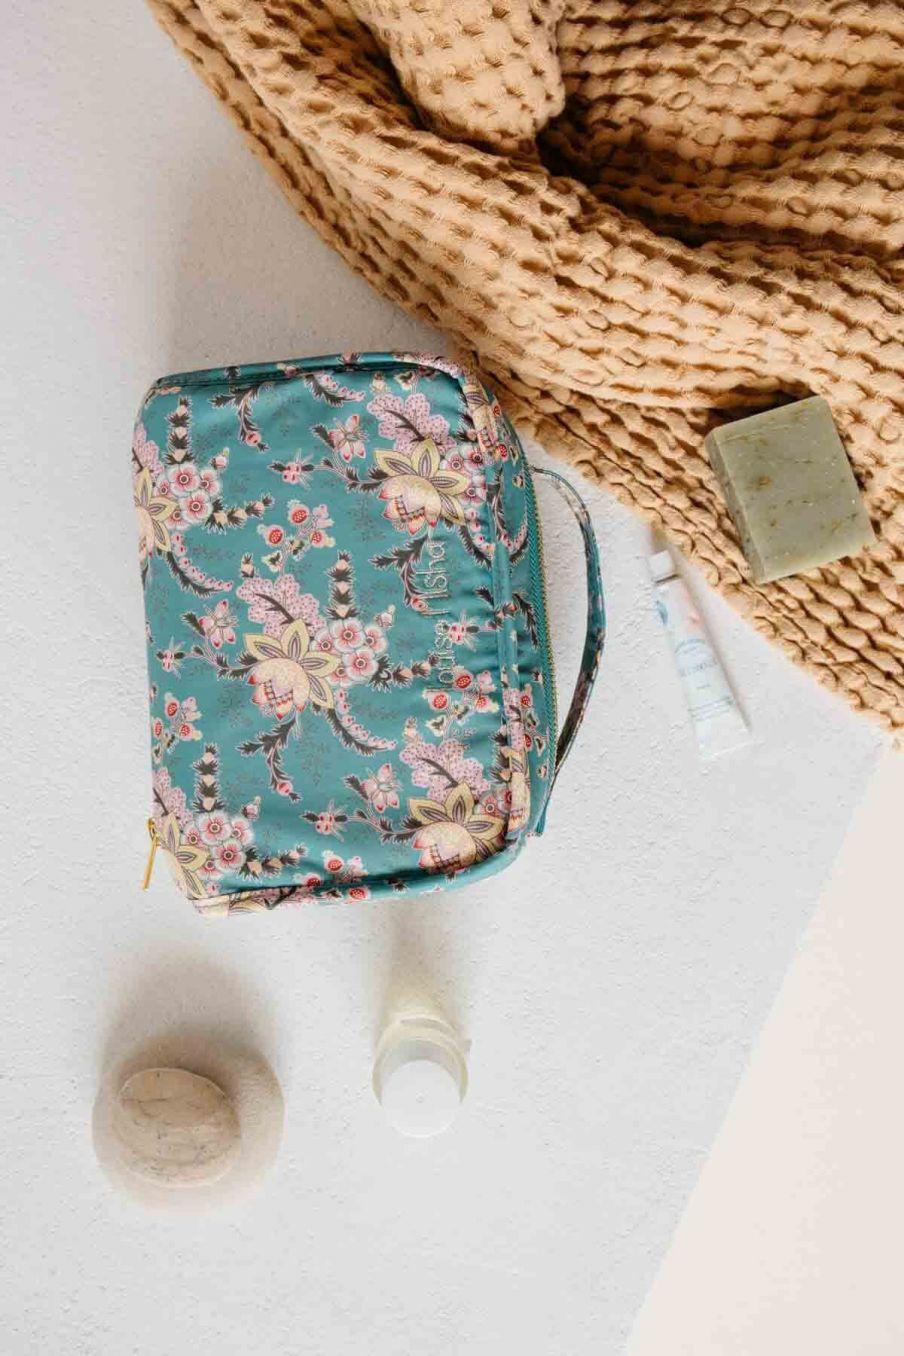 trousse de toilette maison joriska blue french flowers - louise misha